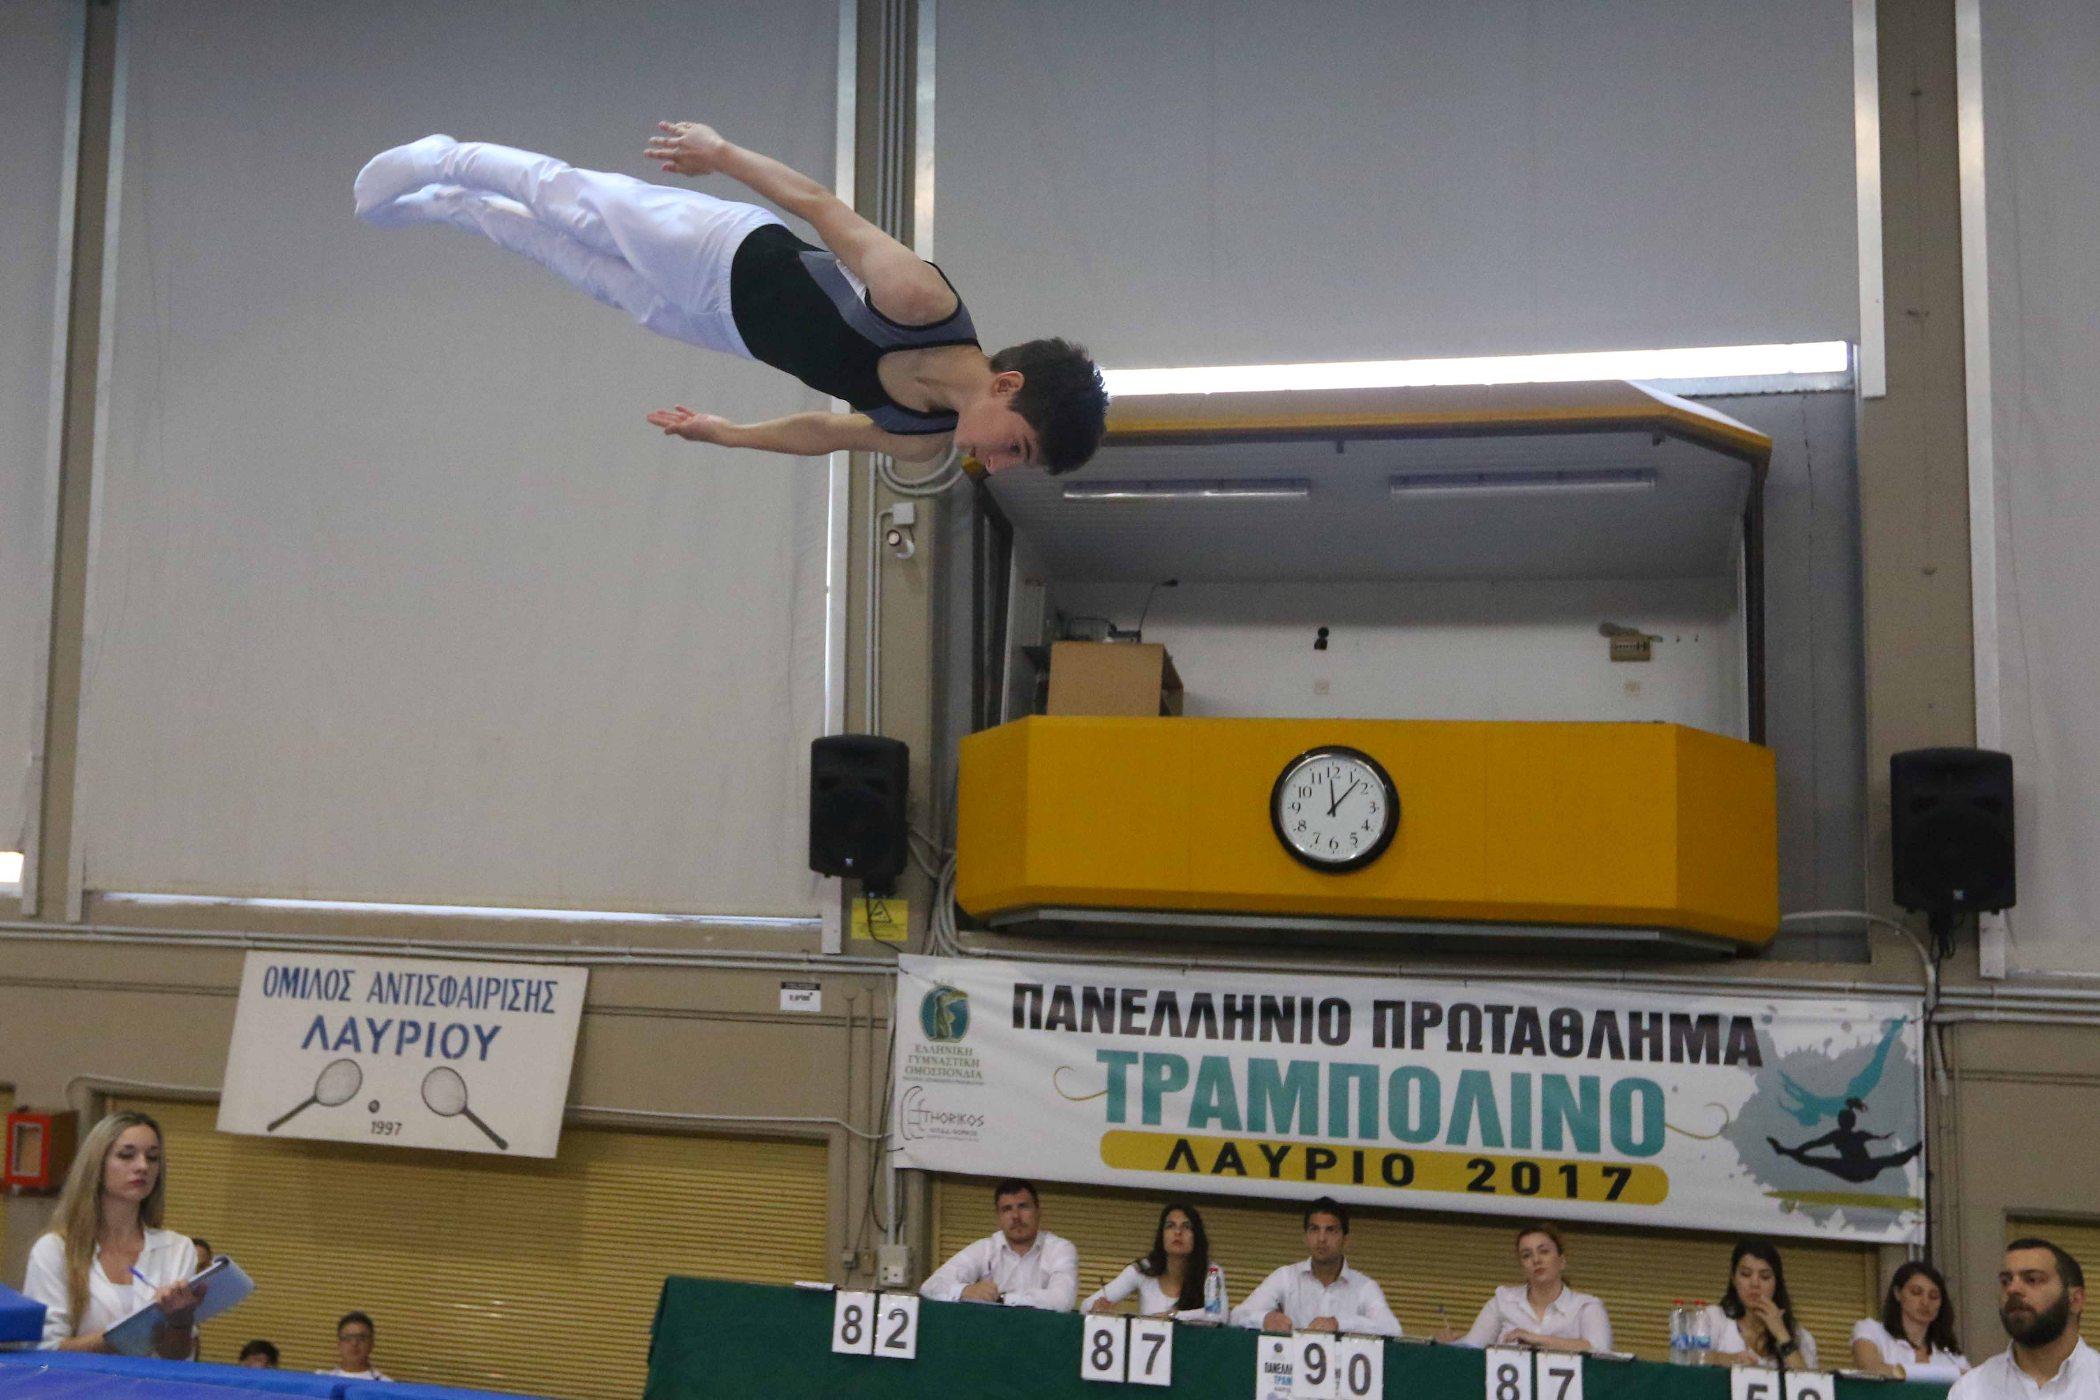 trampolino-panellinio2017-01